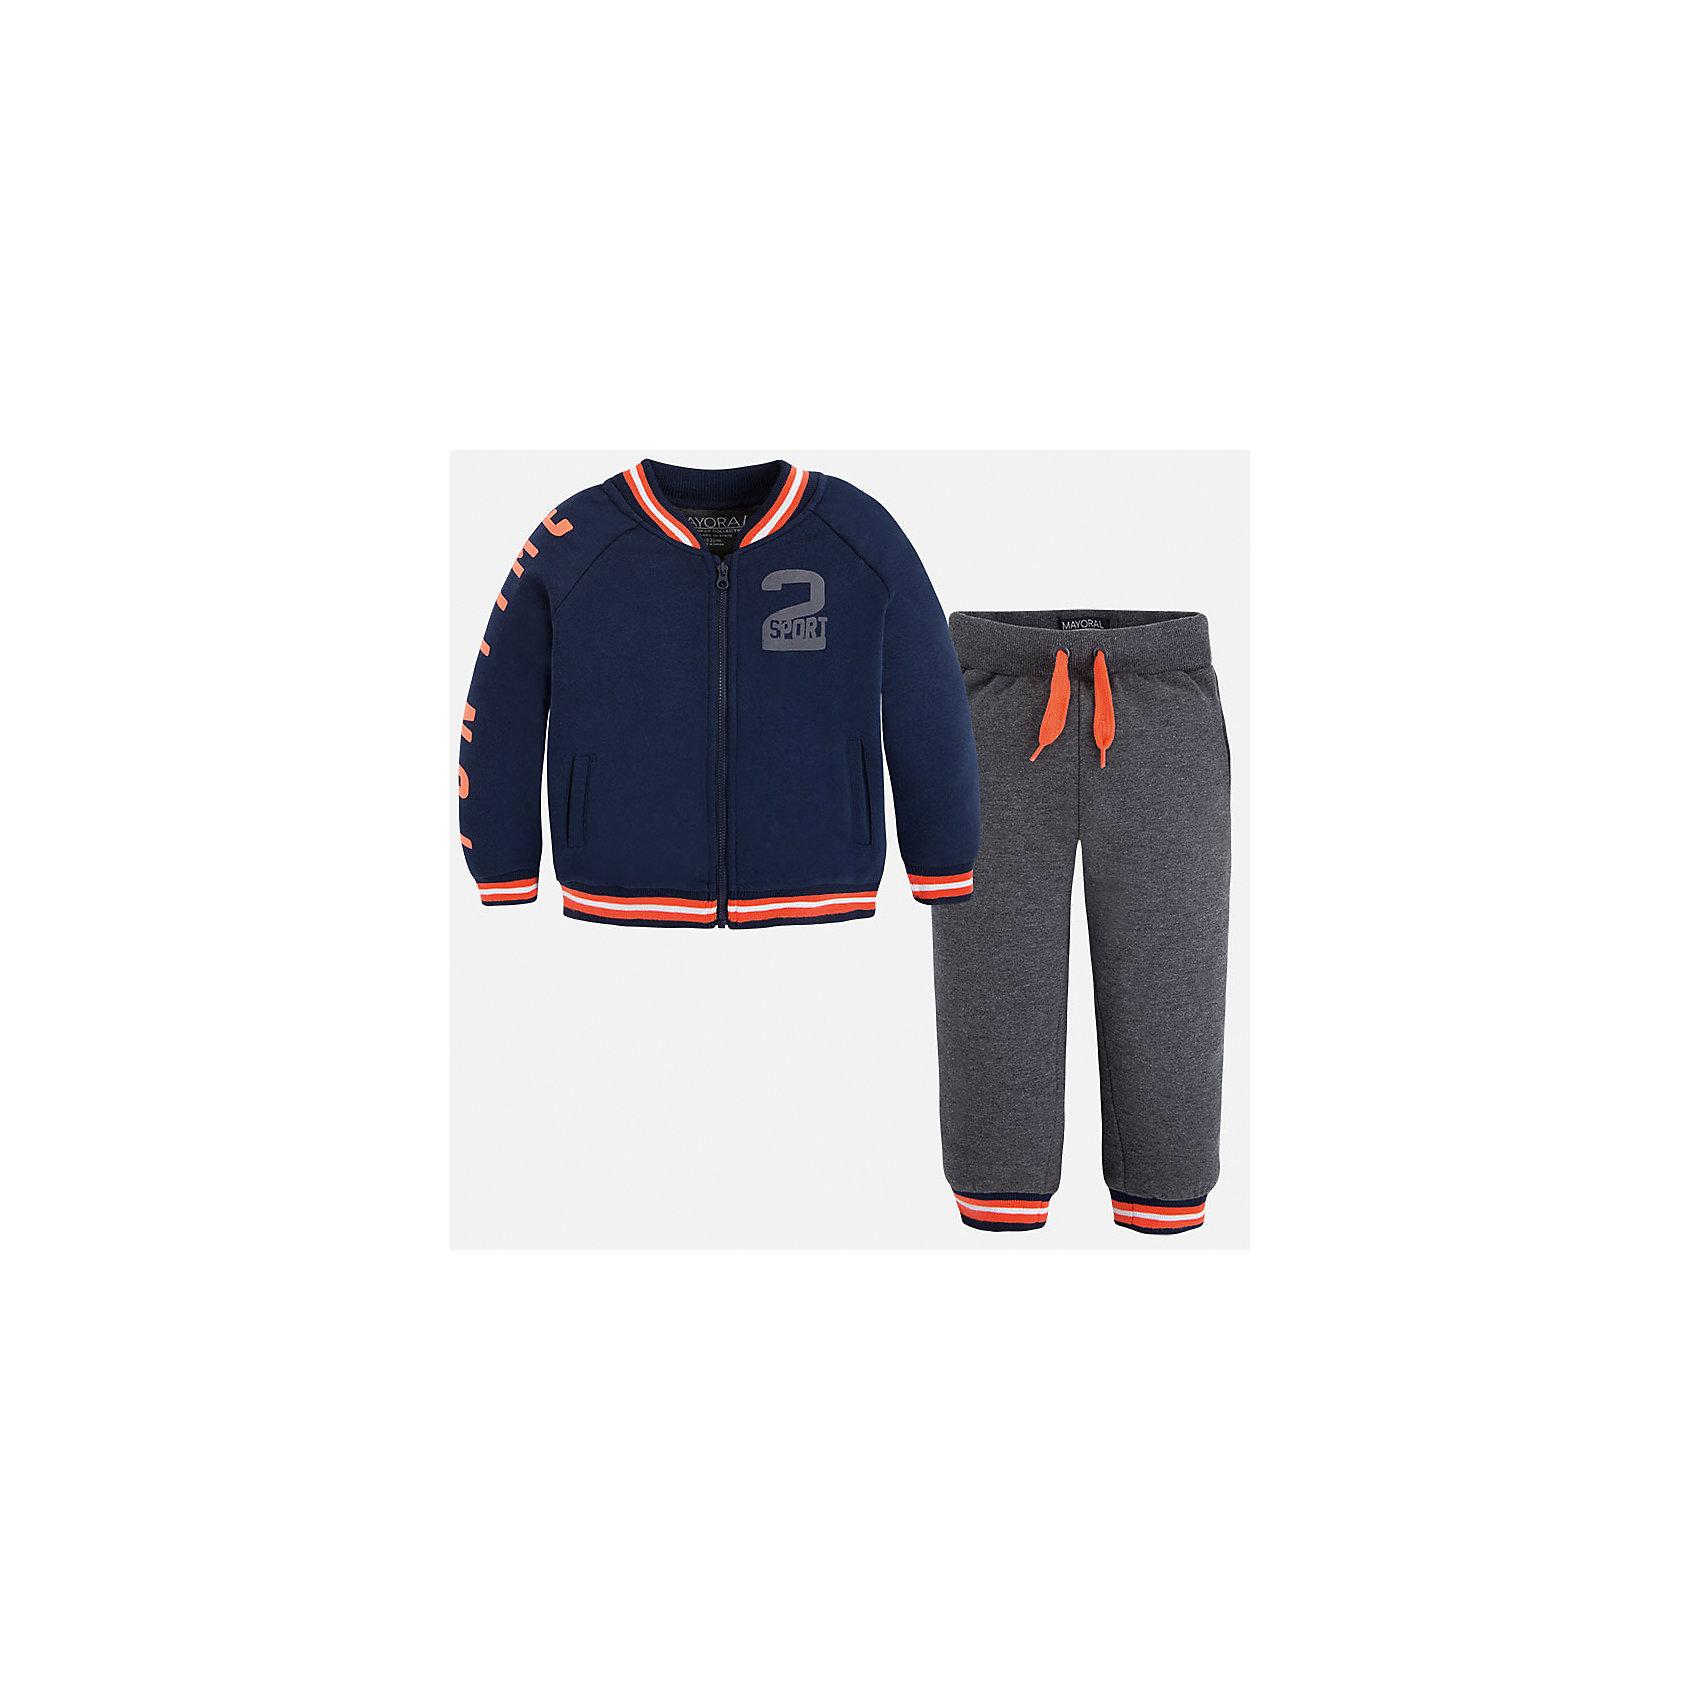 Mayoral Спортивный костюм для мальчика Mayoral костюм гнома для мальчика в ярославле сегодня